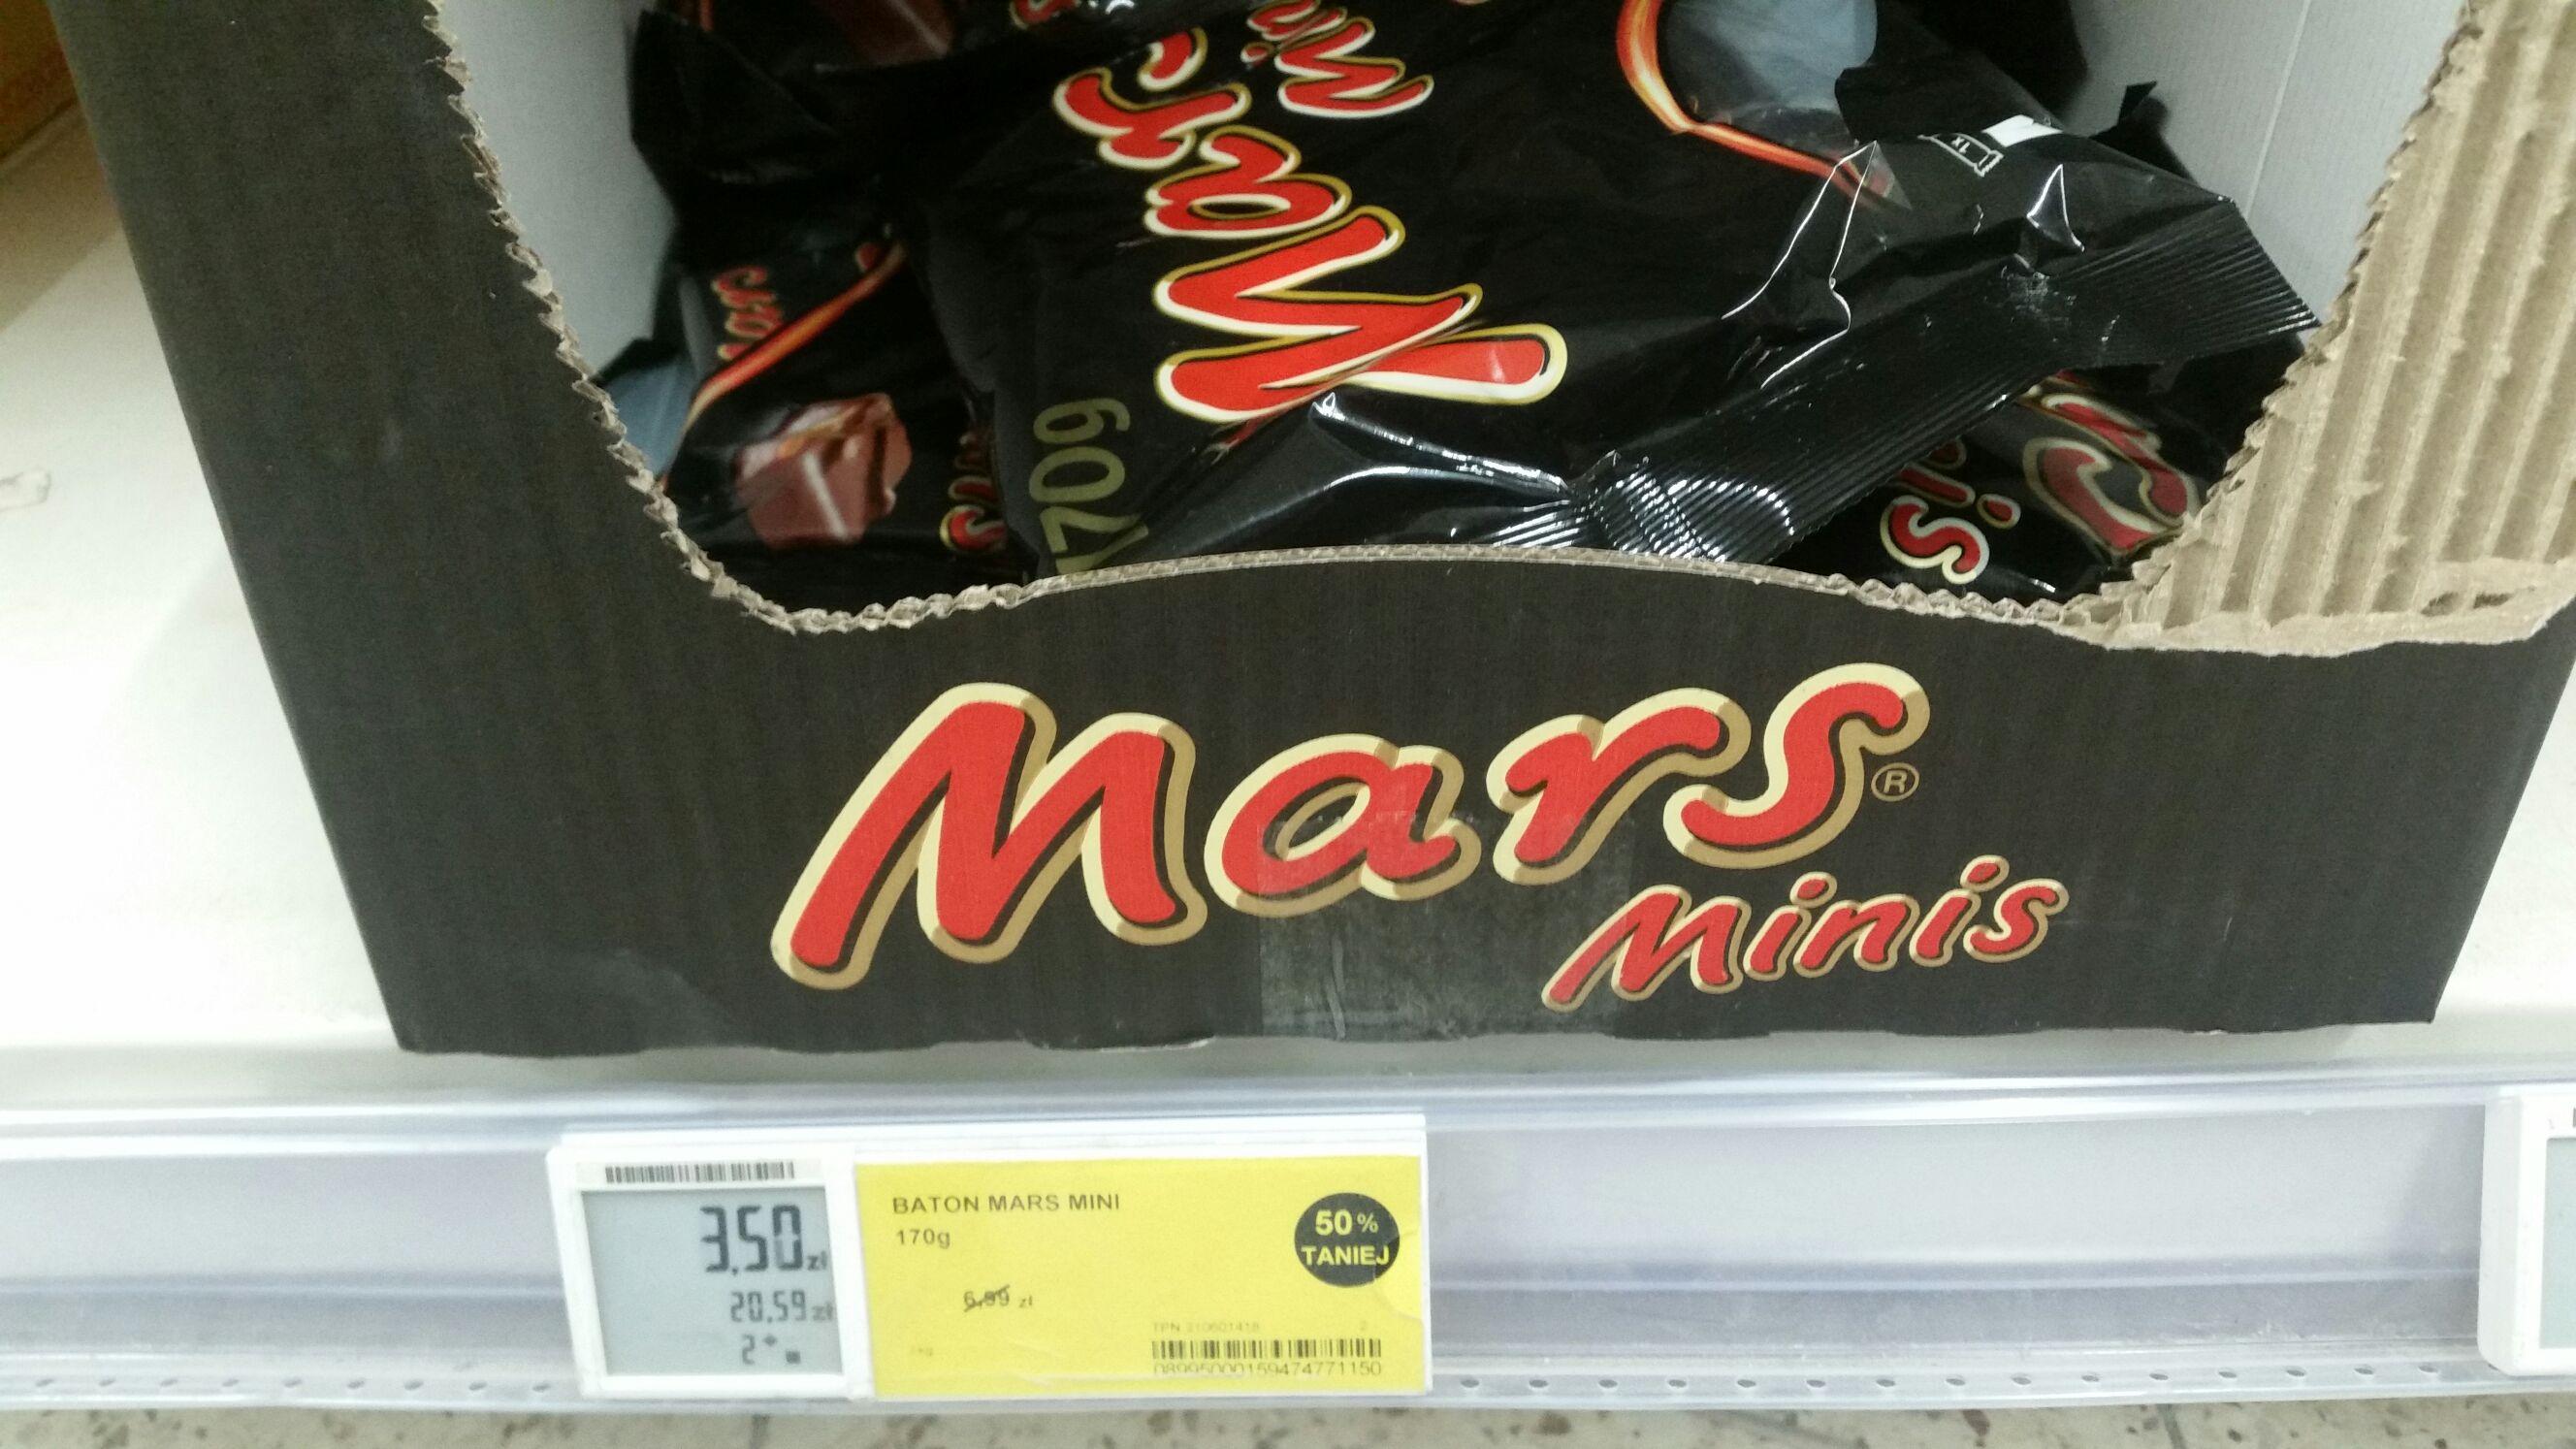 TEESCO Mini batony Mars, Bounty i Milky Way -50%